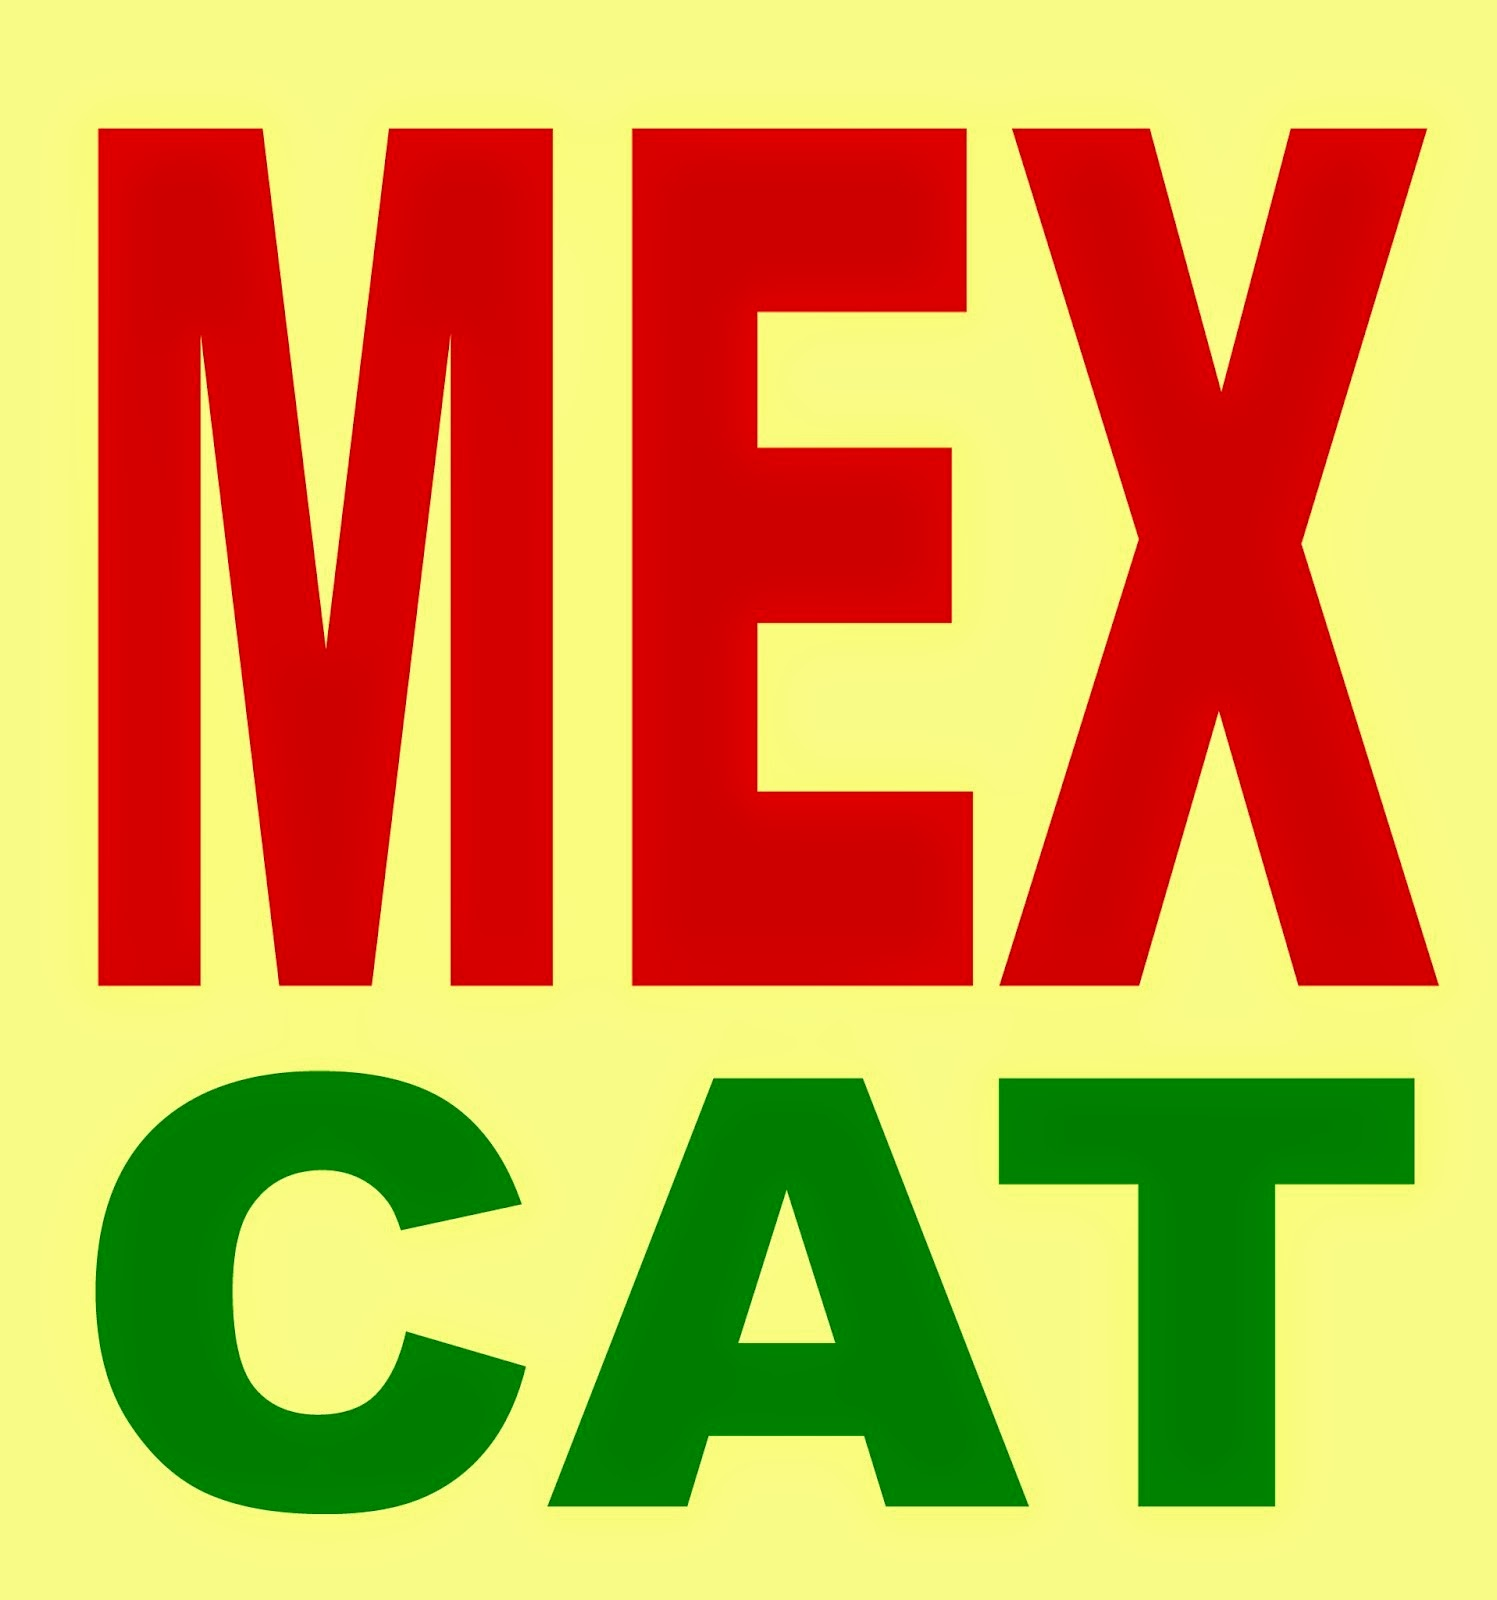 ASOCIACIÓN CULTURAL MEXICANO CATALANA